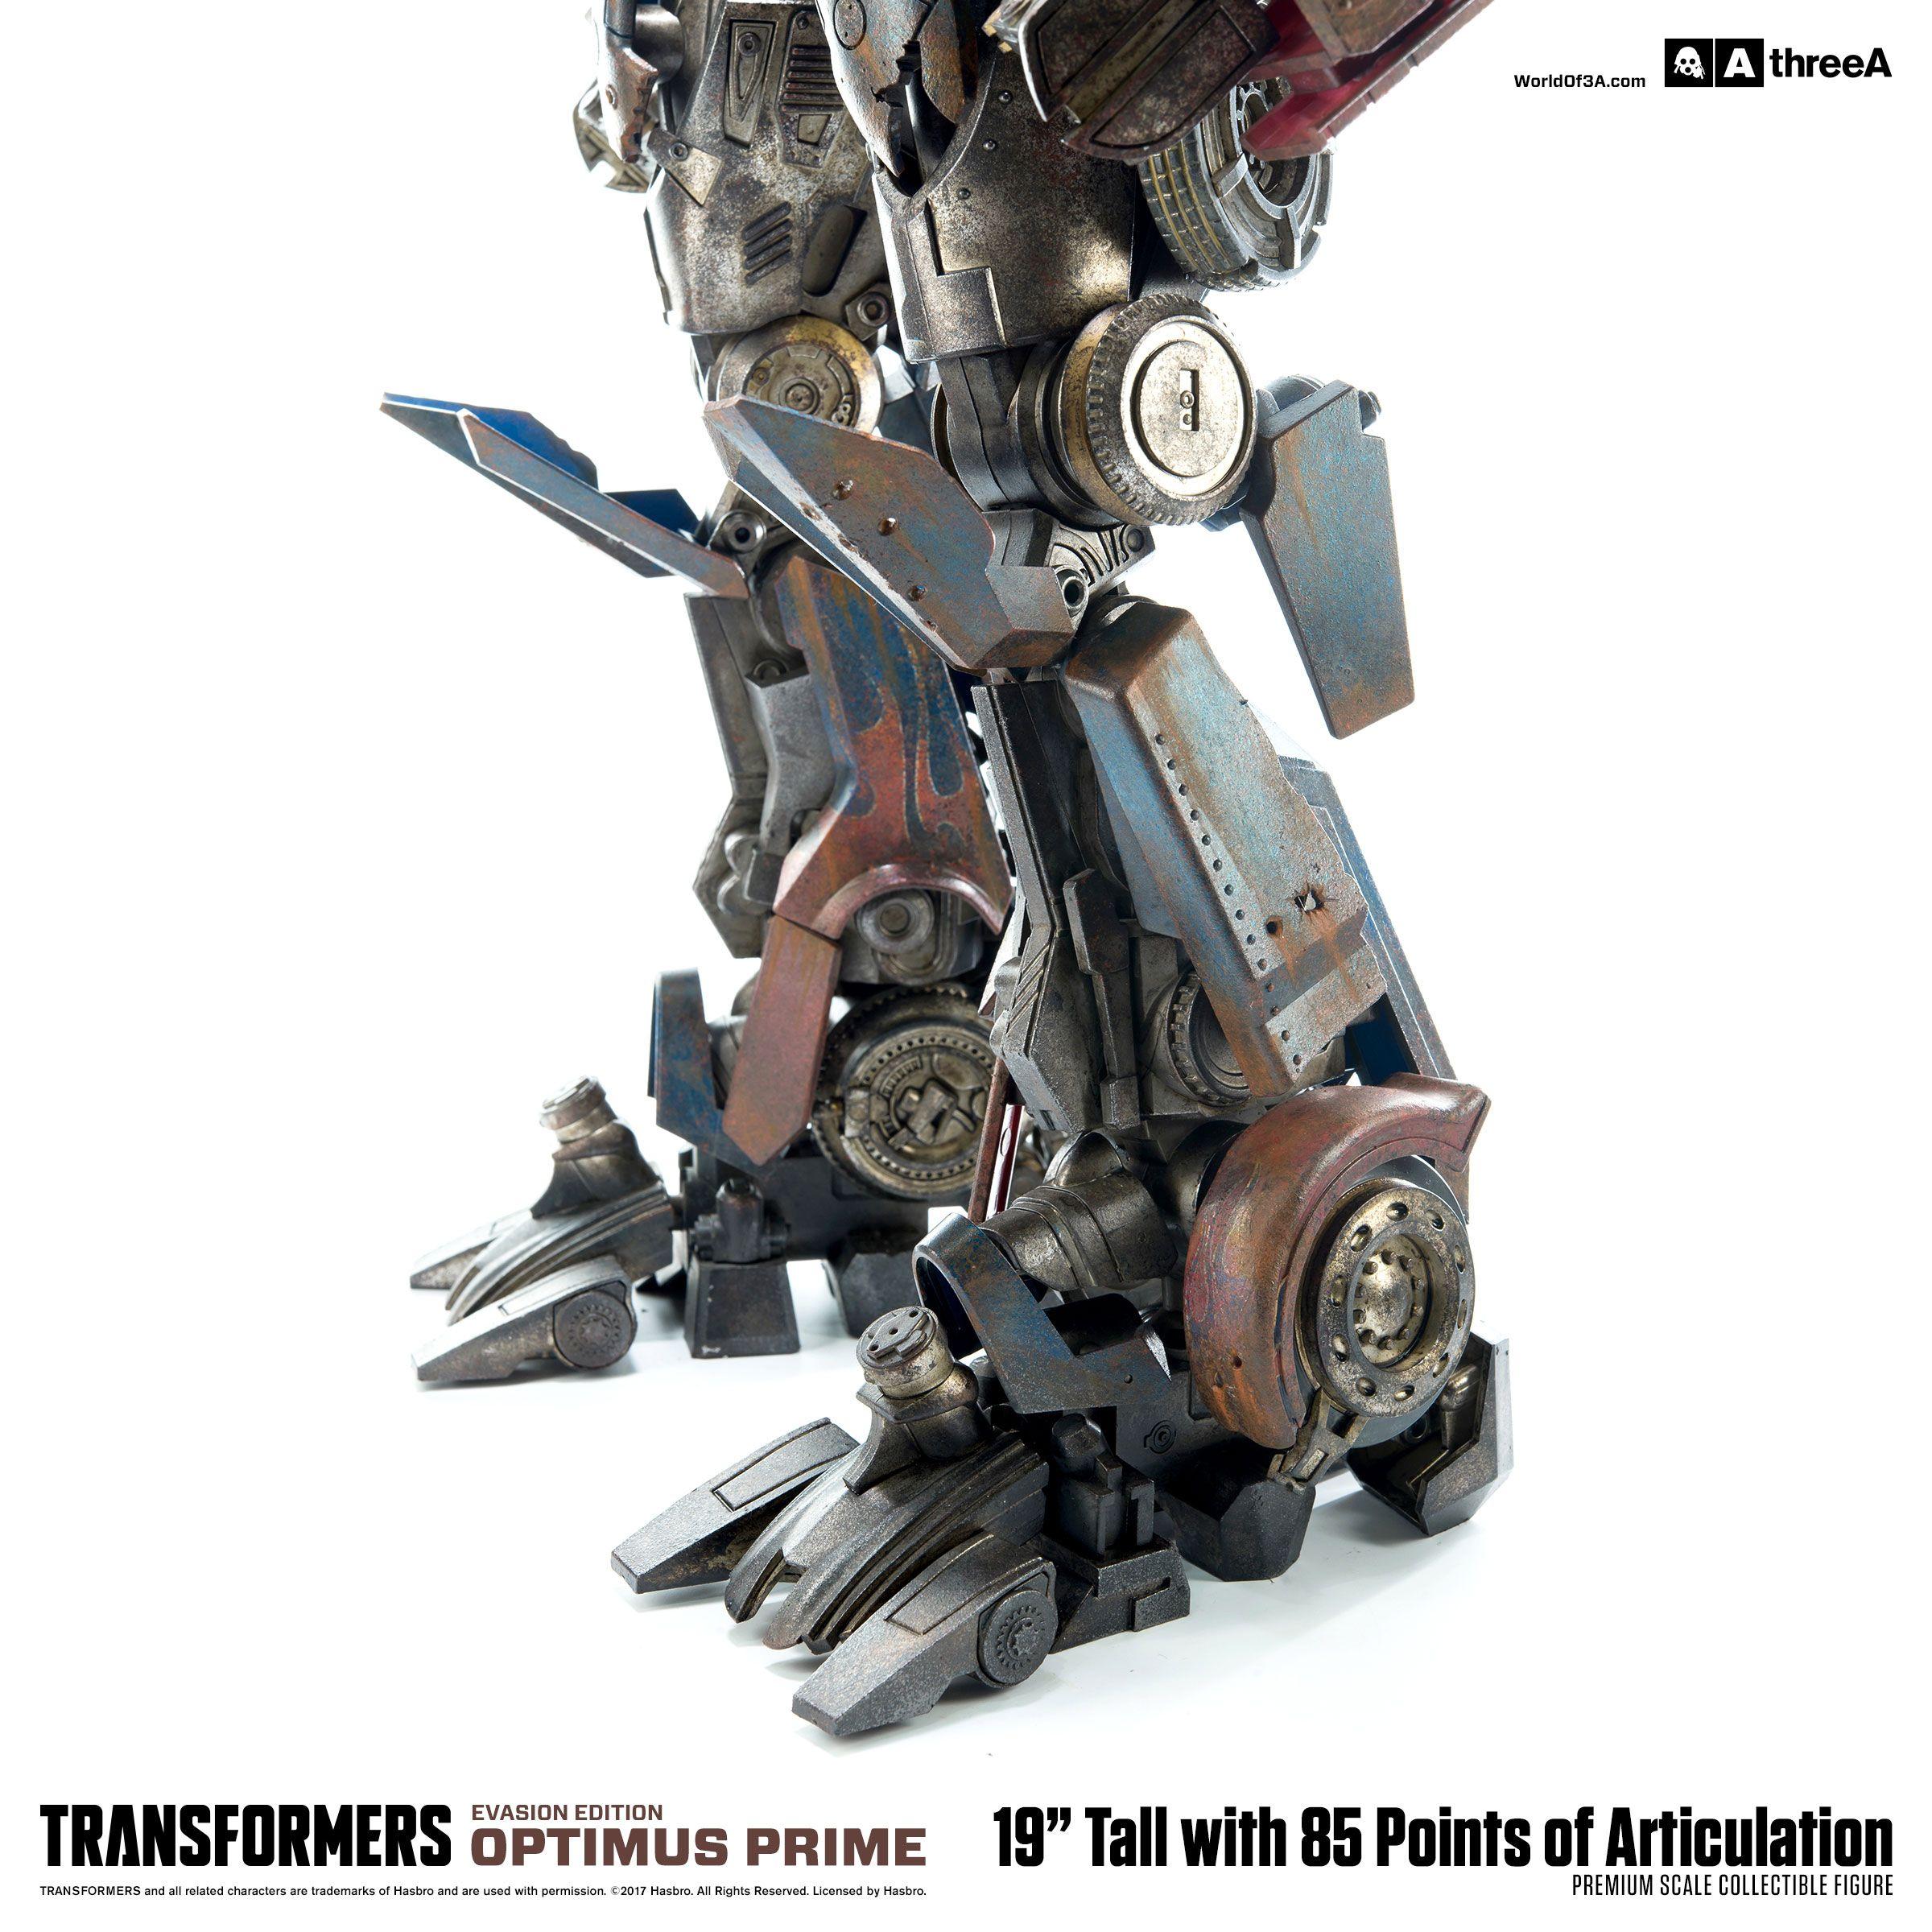 Hraepgg transformers pinterest